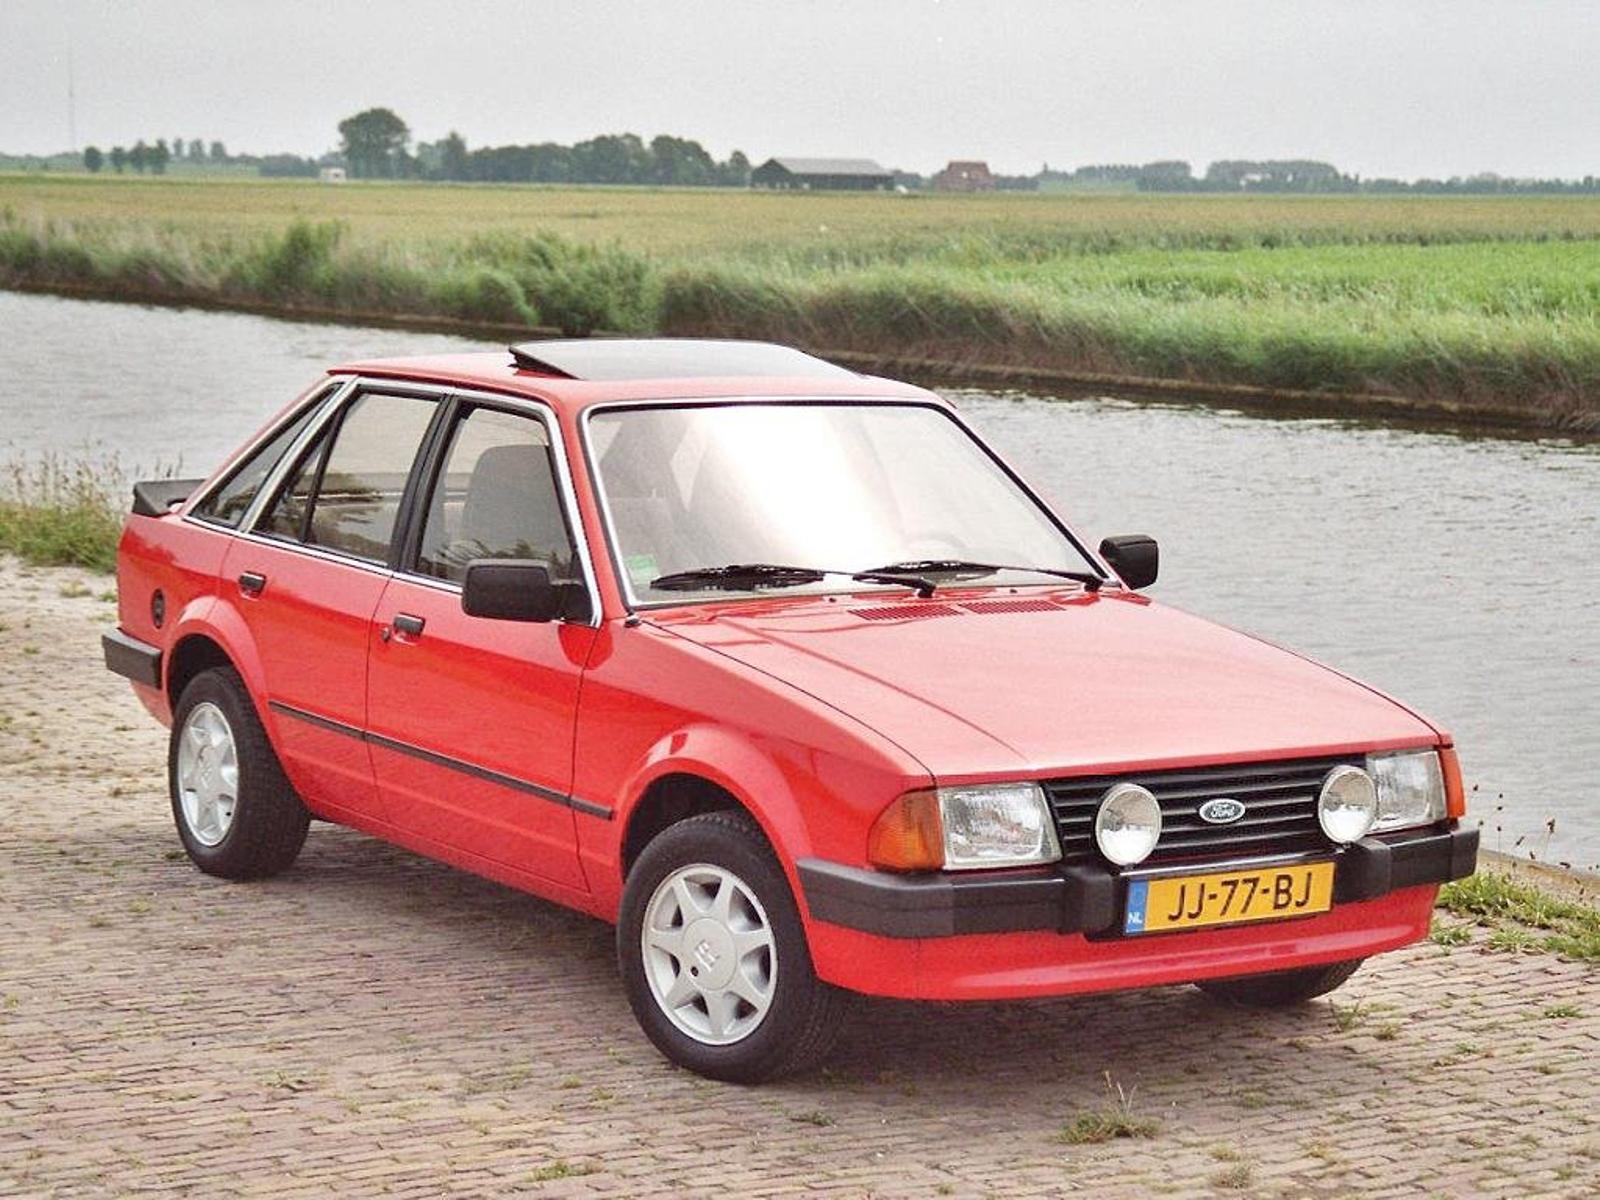 Ford Escort (Europa) – Wikipédia, a enciclopédia livre